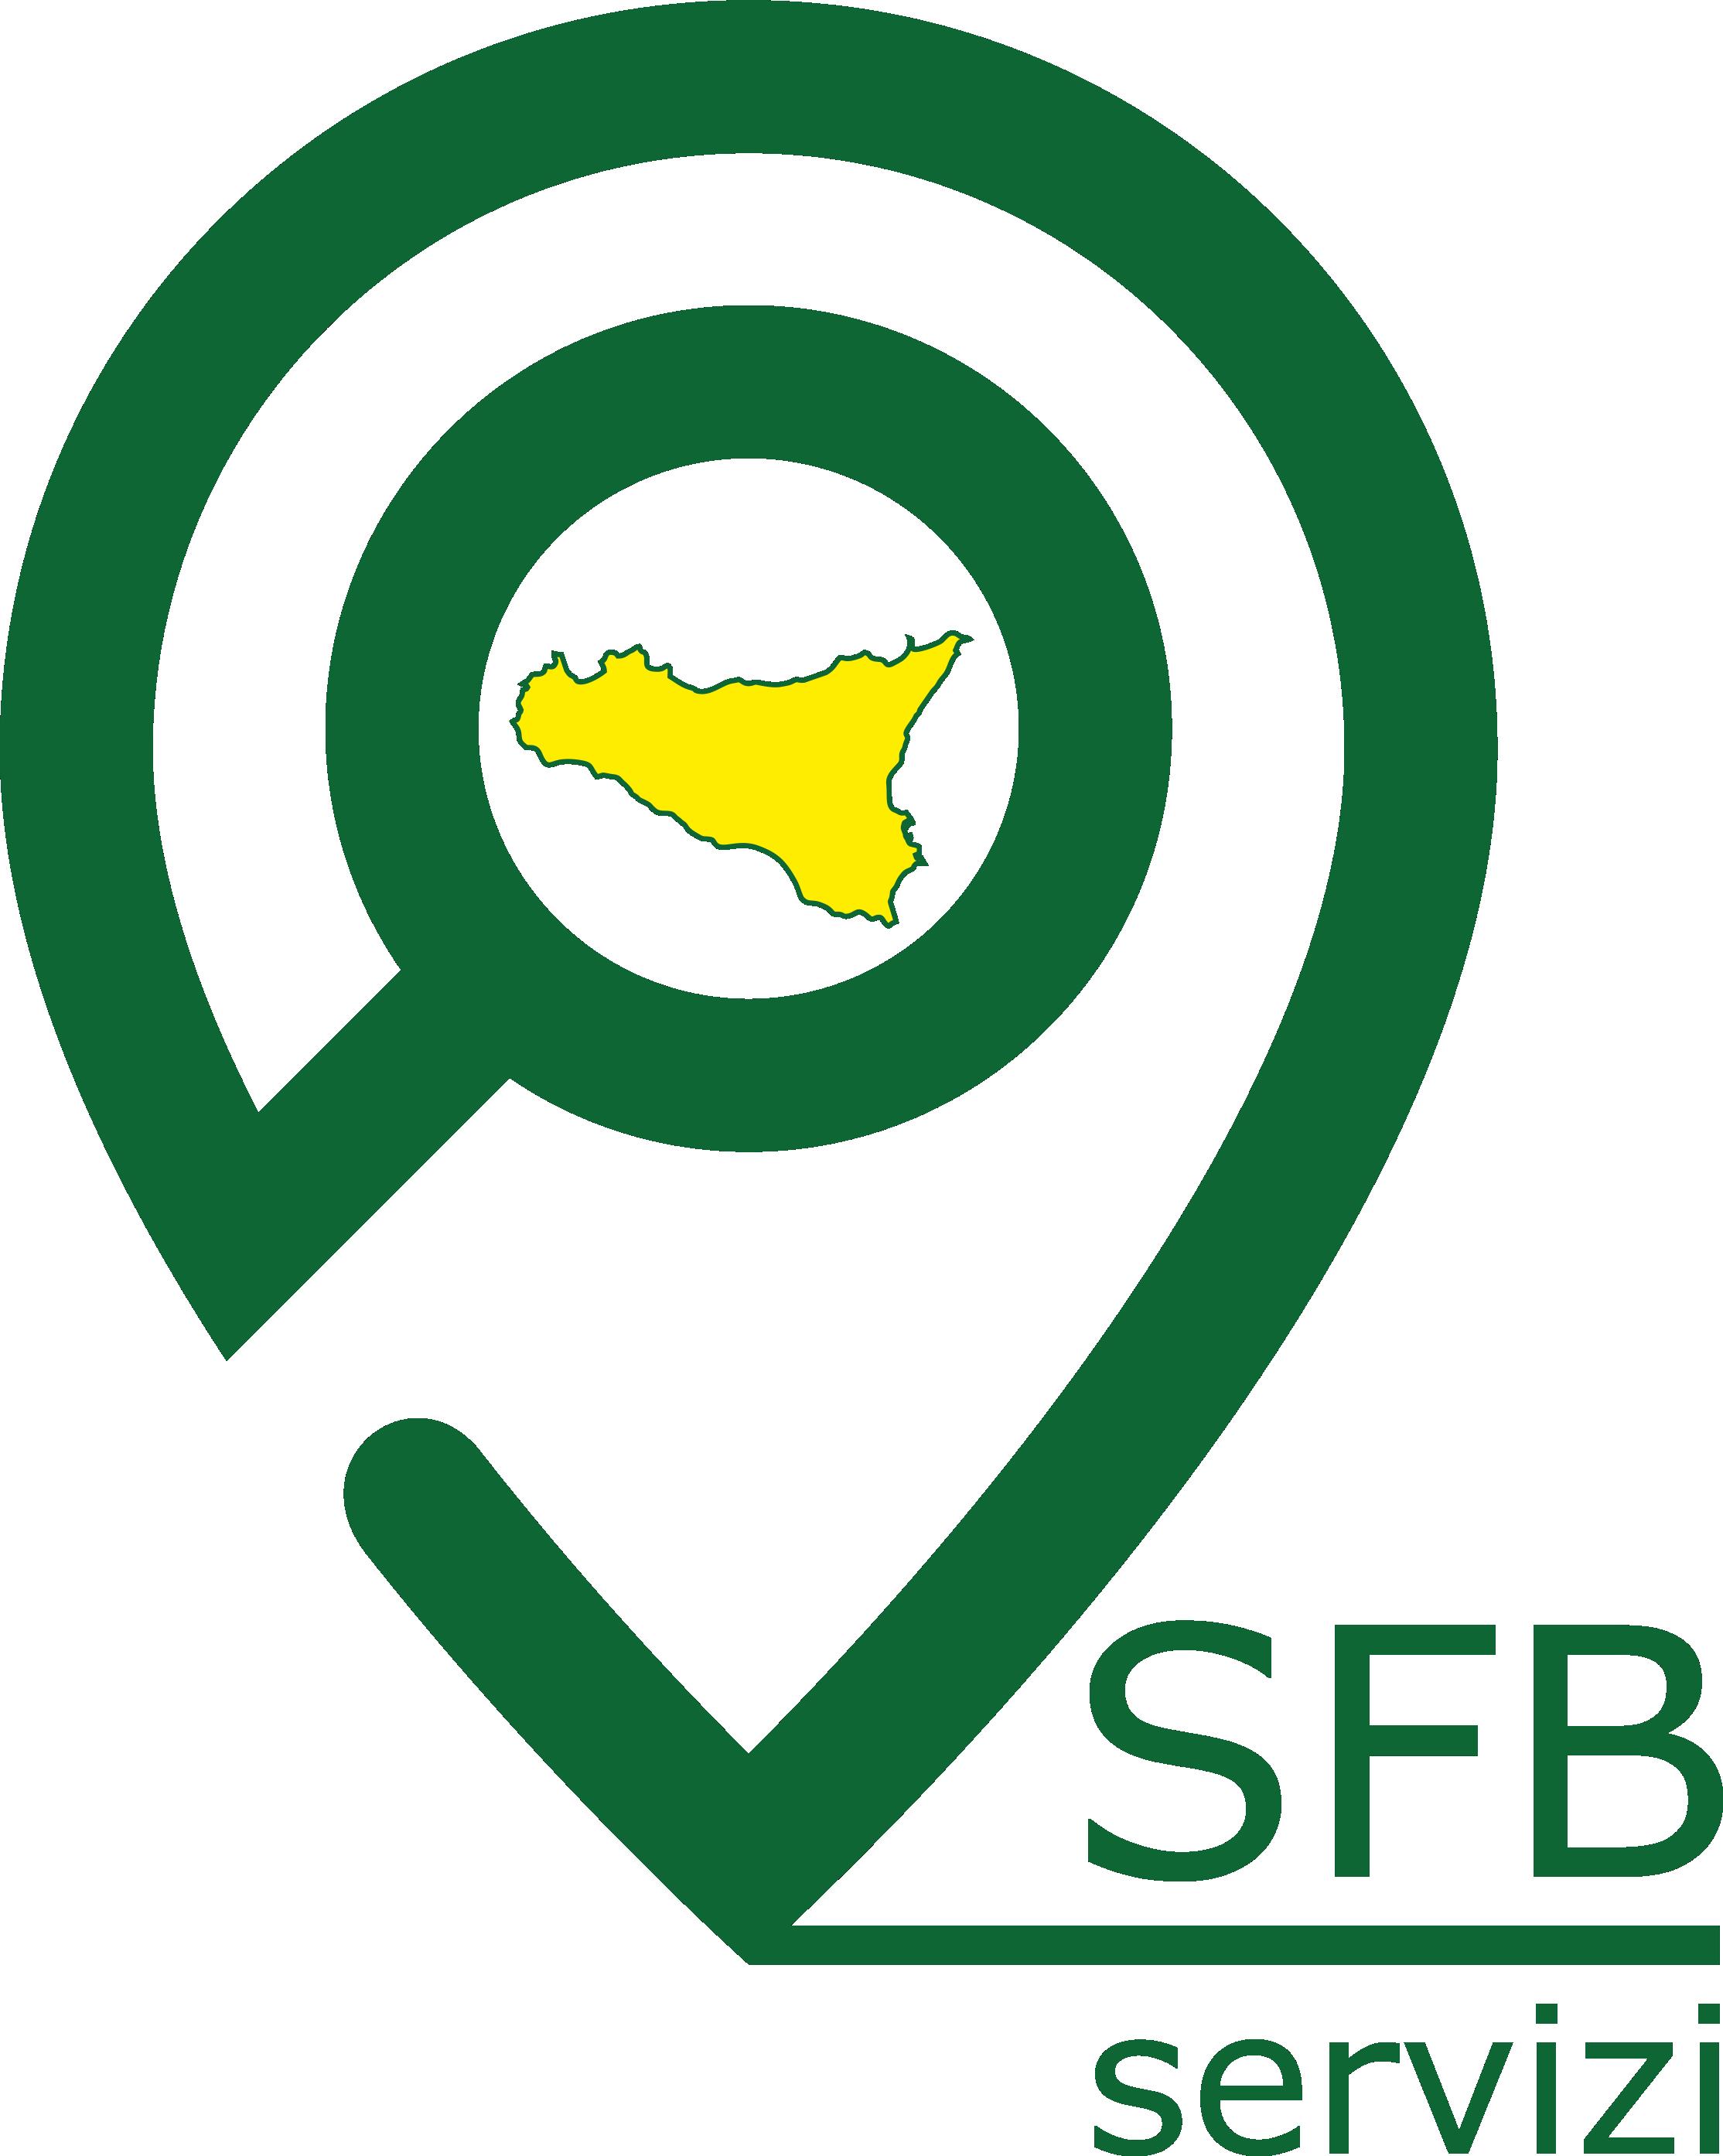 SFB SERVIZI